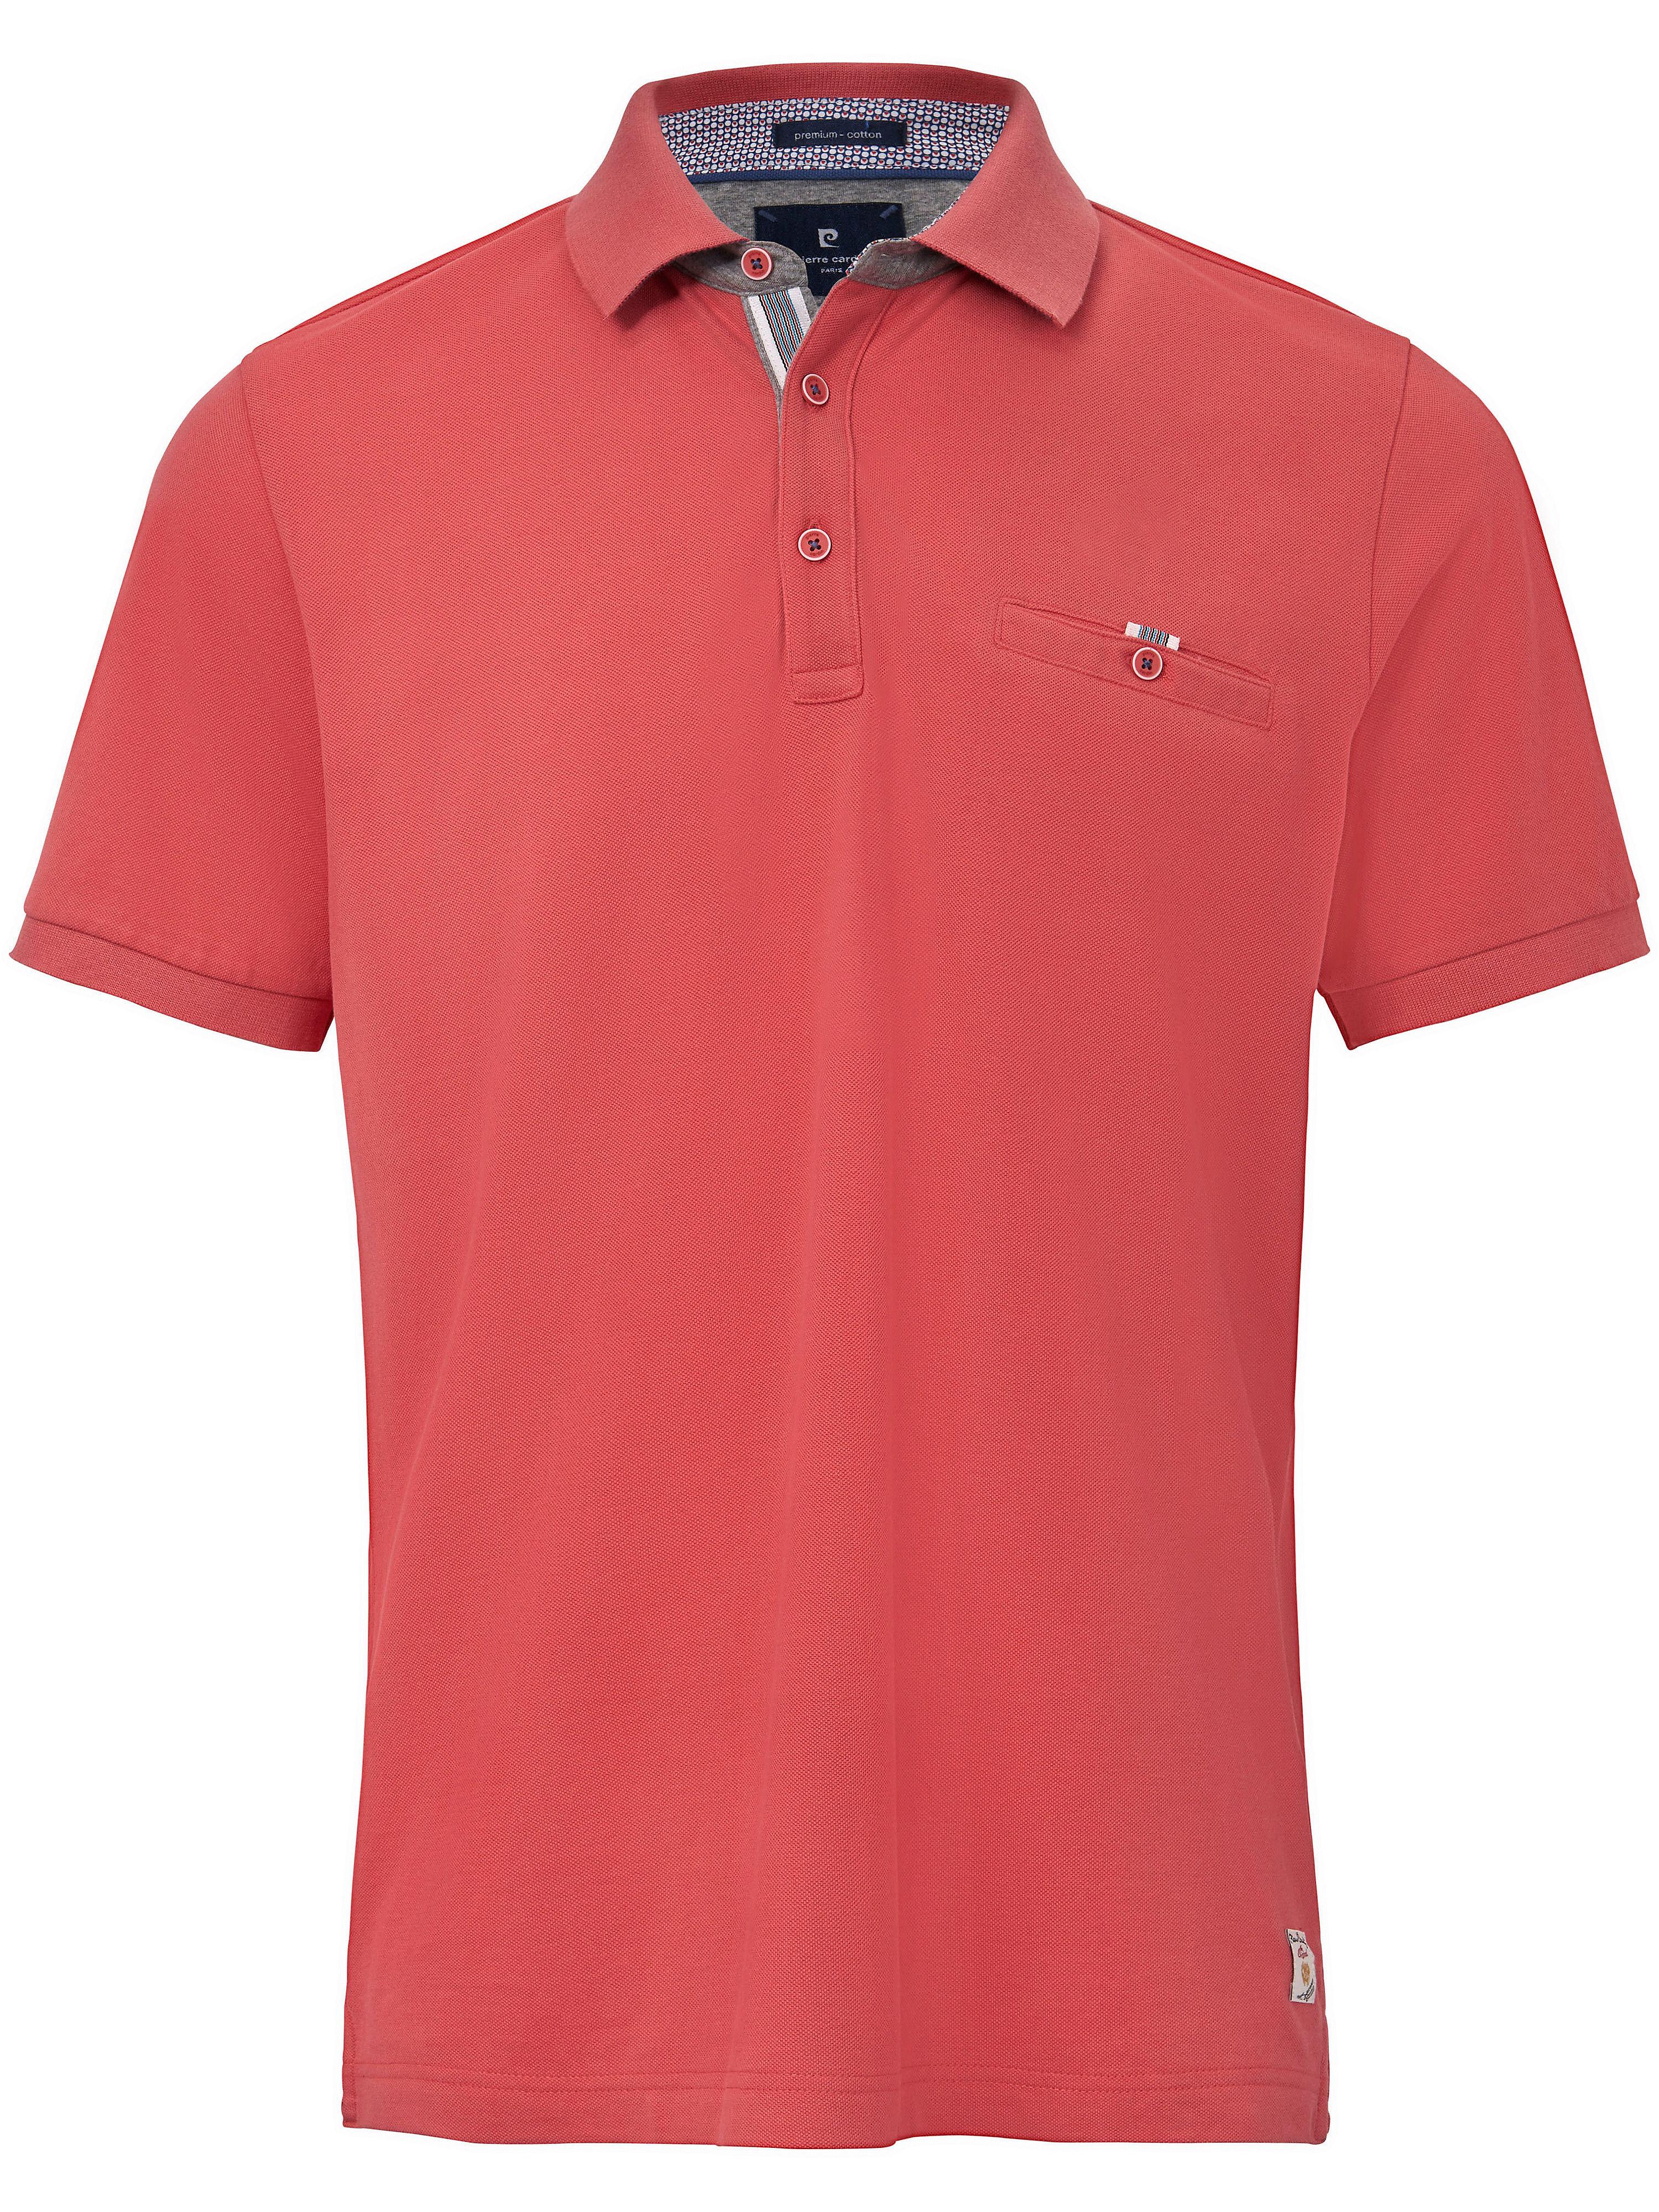 Image of   Poloshirt brystlomme og korte ærmer Fra Pierre Cardin rød